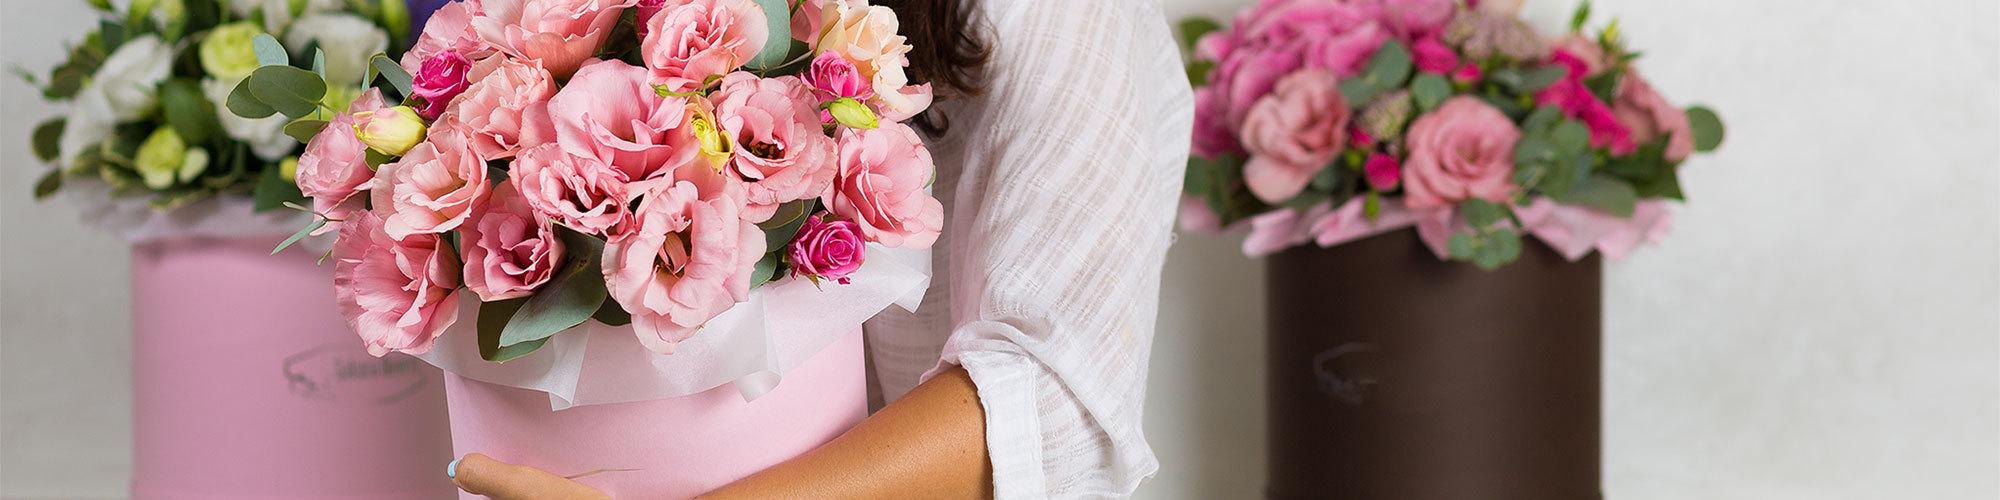 Bloemen page